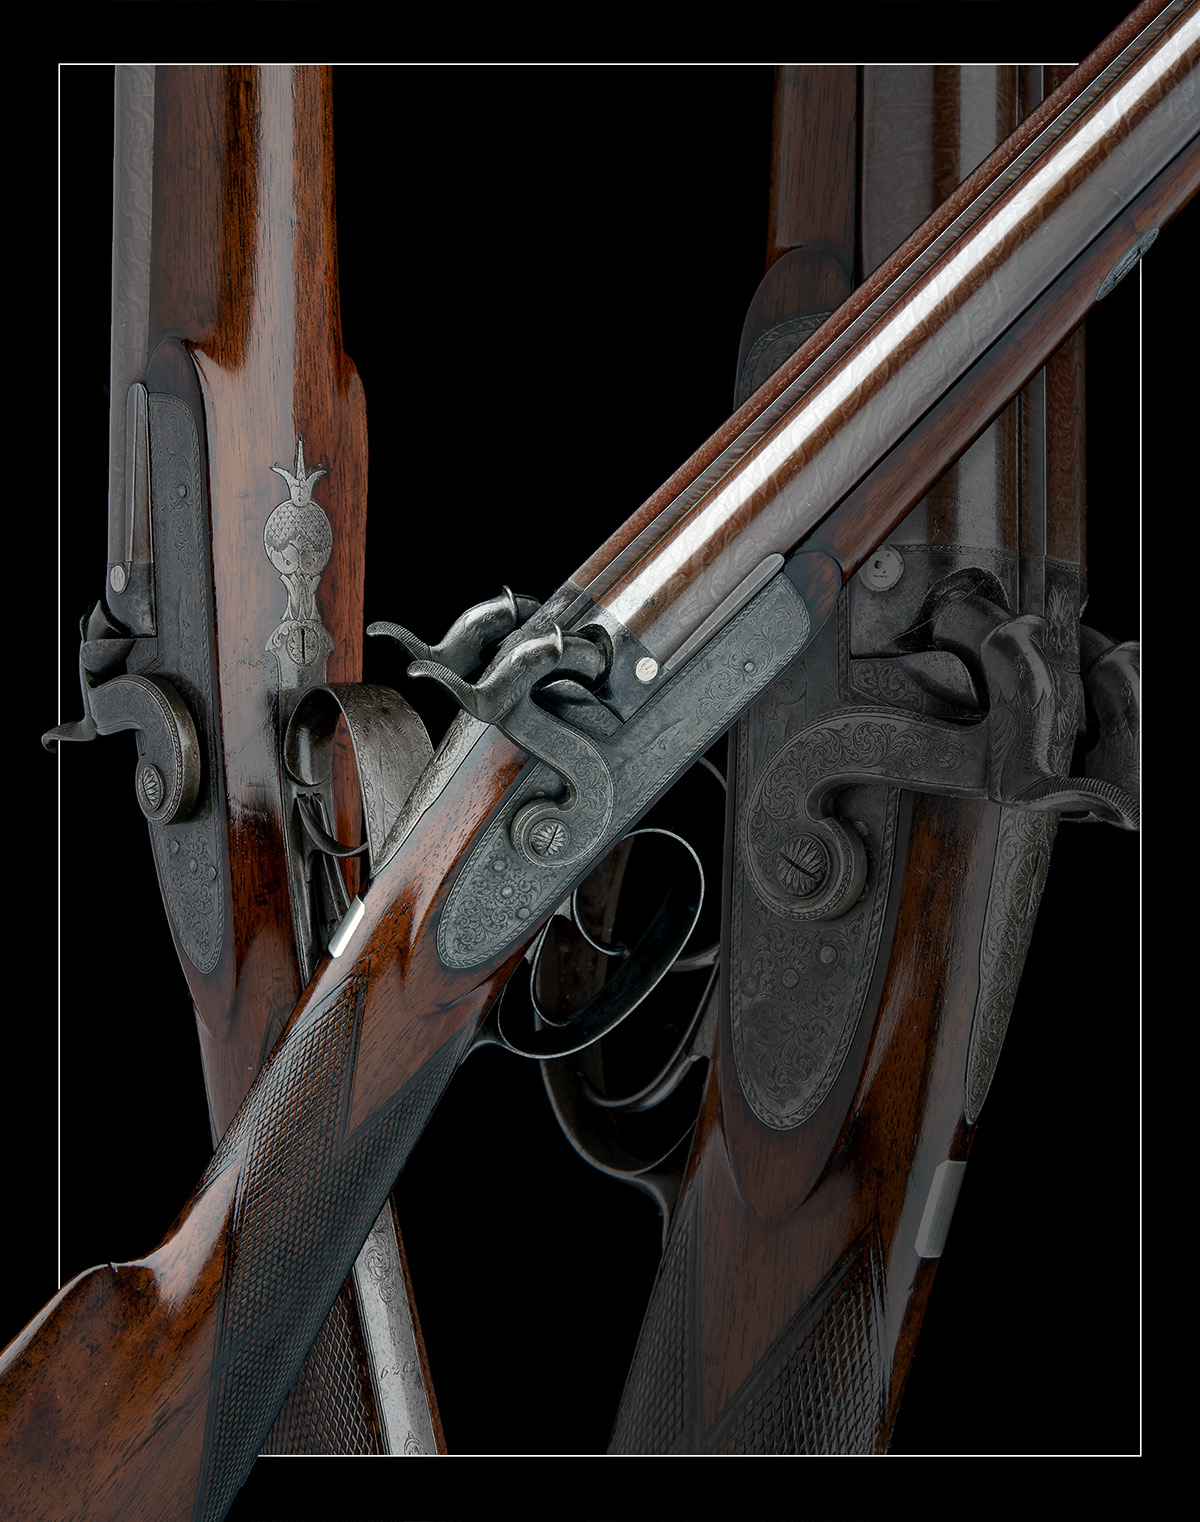 G & J DEAN, LONDON A FINE 16-BORE PERCUSSION DOUBLE-BARRELLED SPORTING-GUN, serial no. 6201, circa - Image 7 of 8